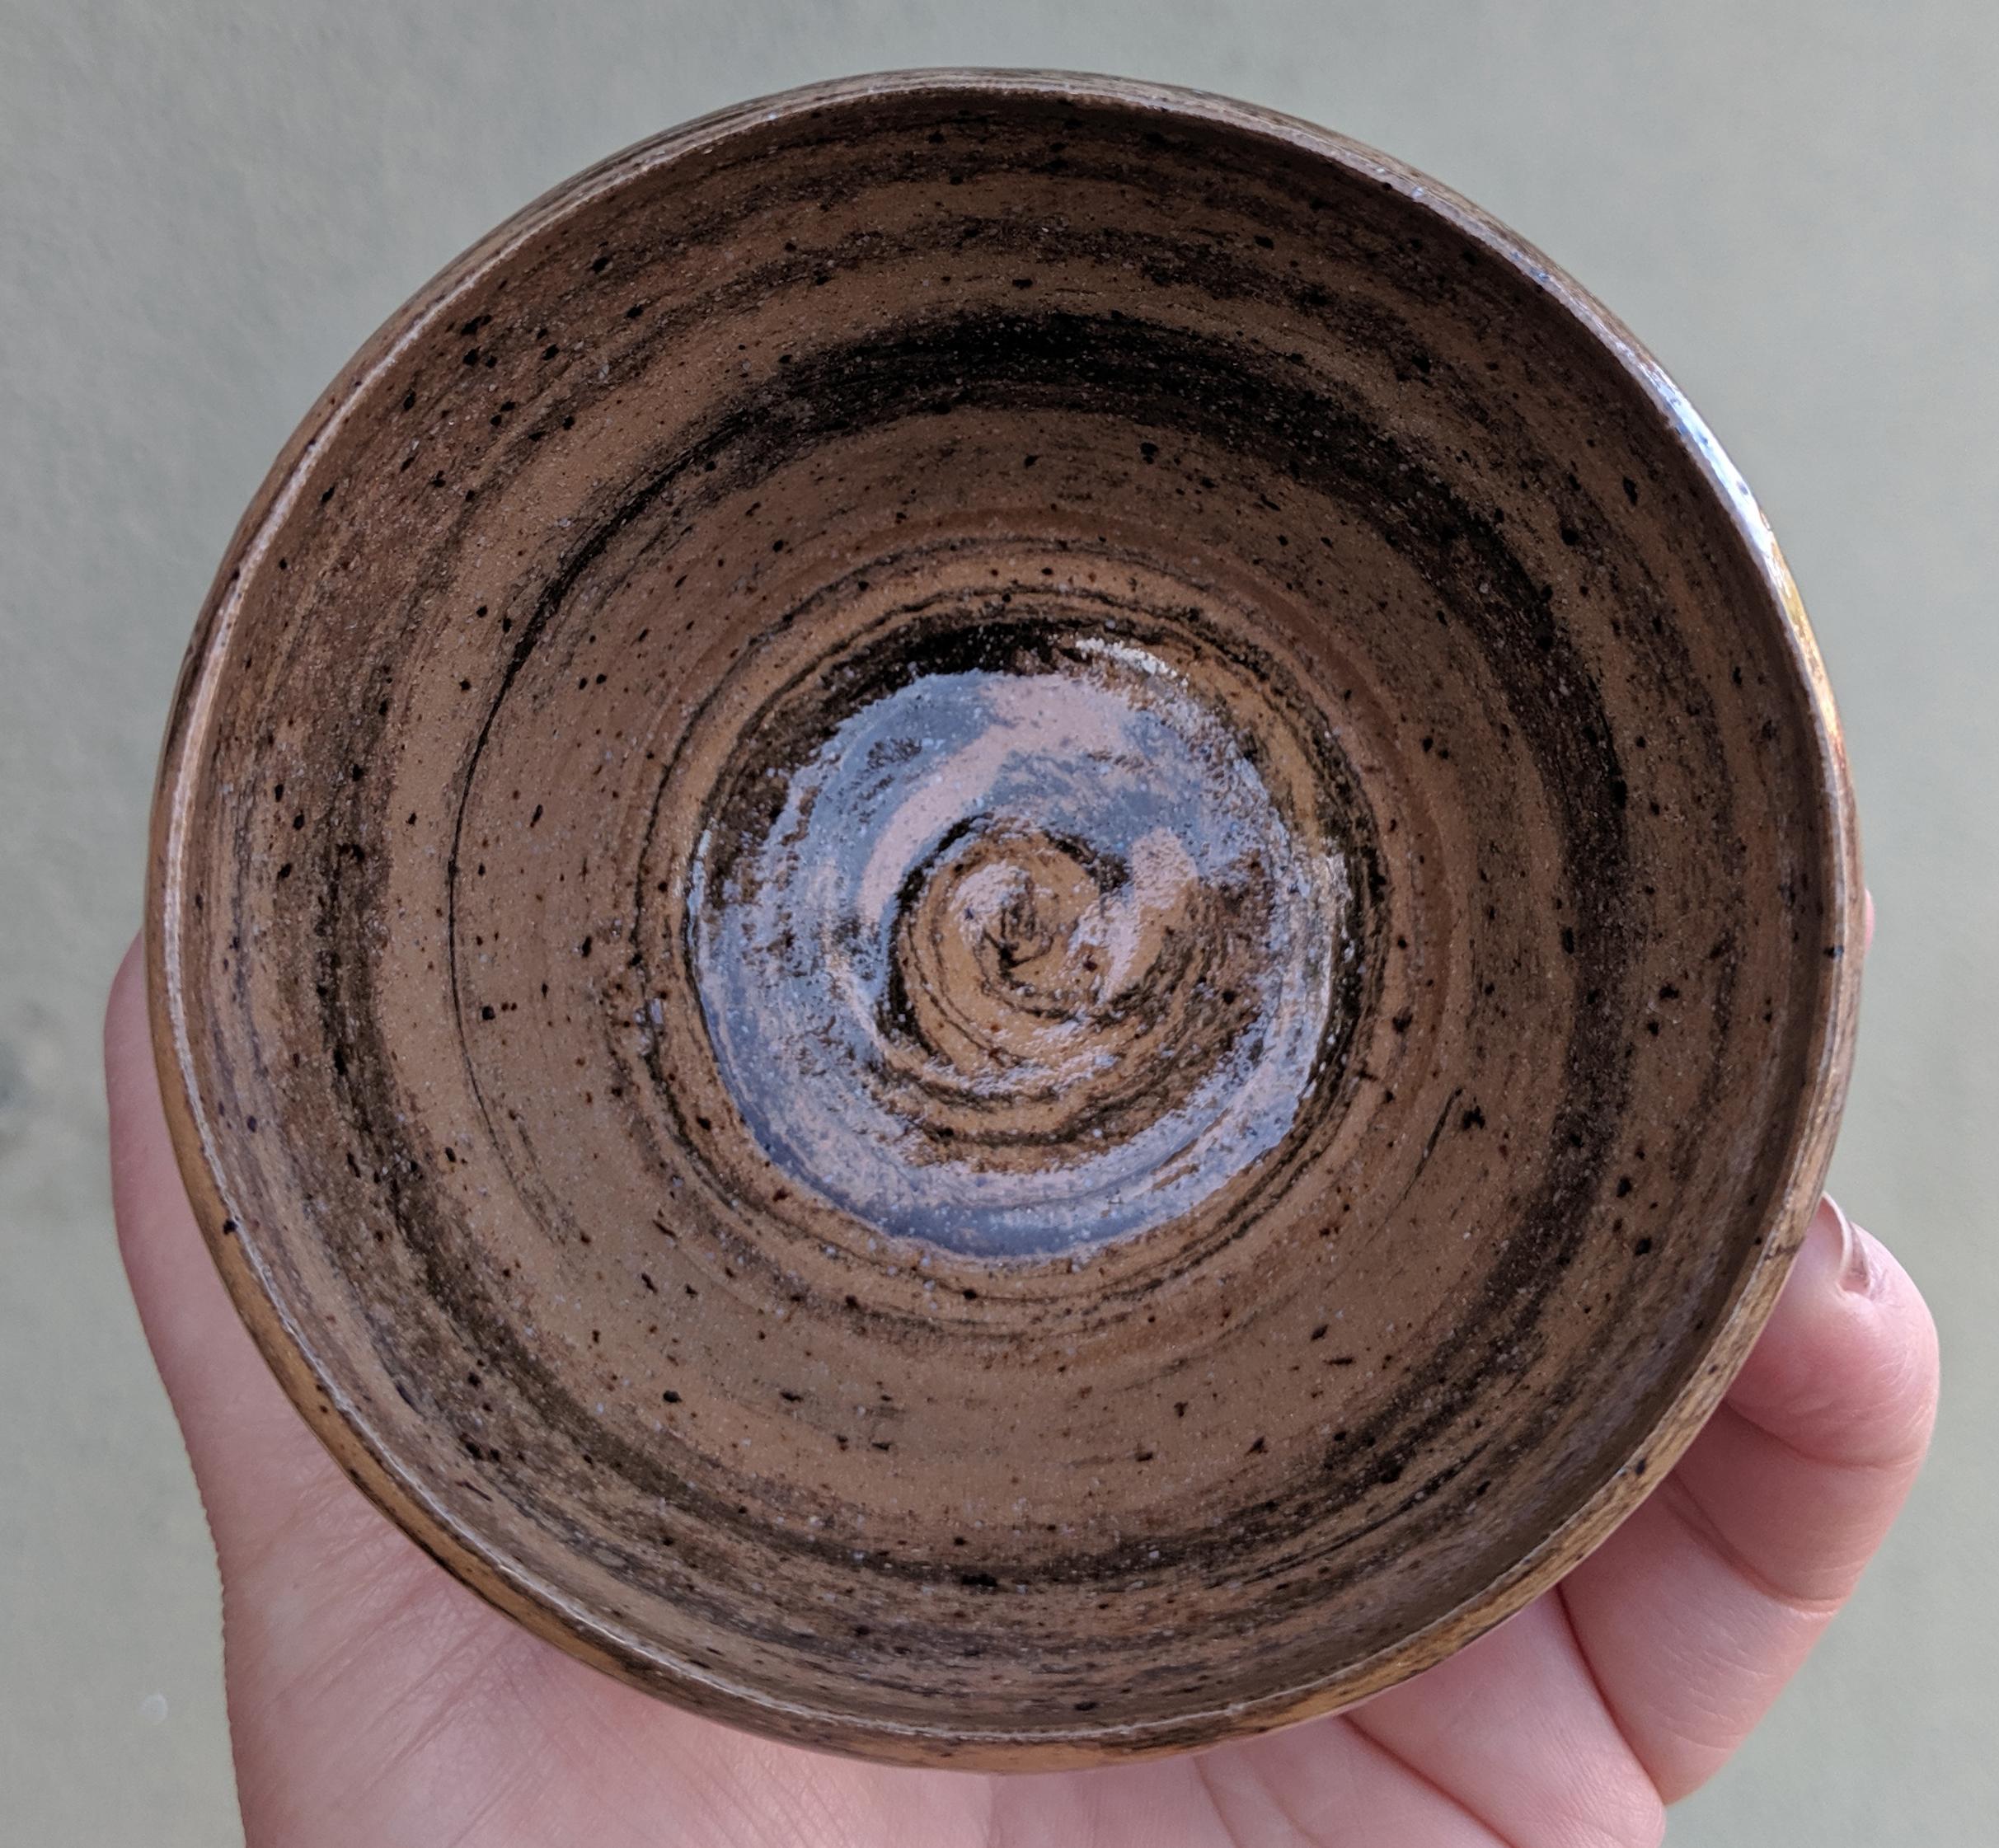 Zebra Bowl Inside.jpg